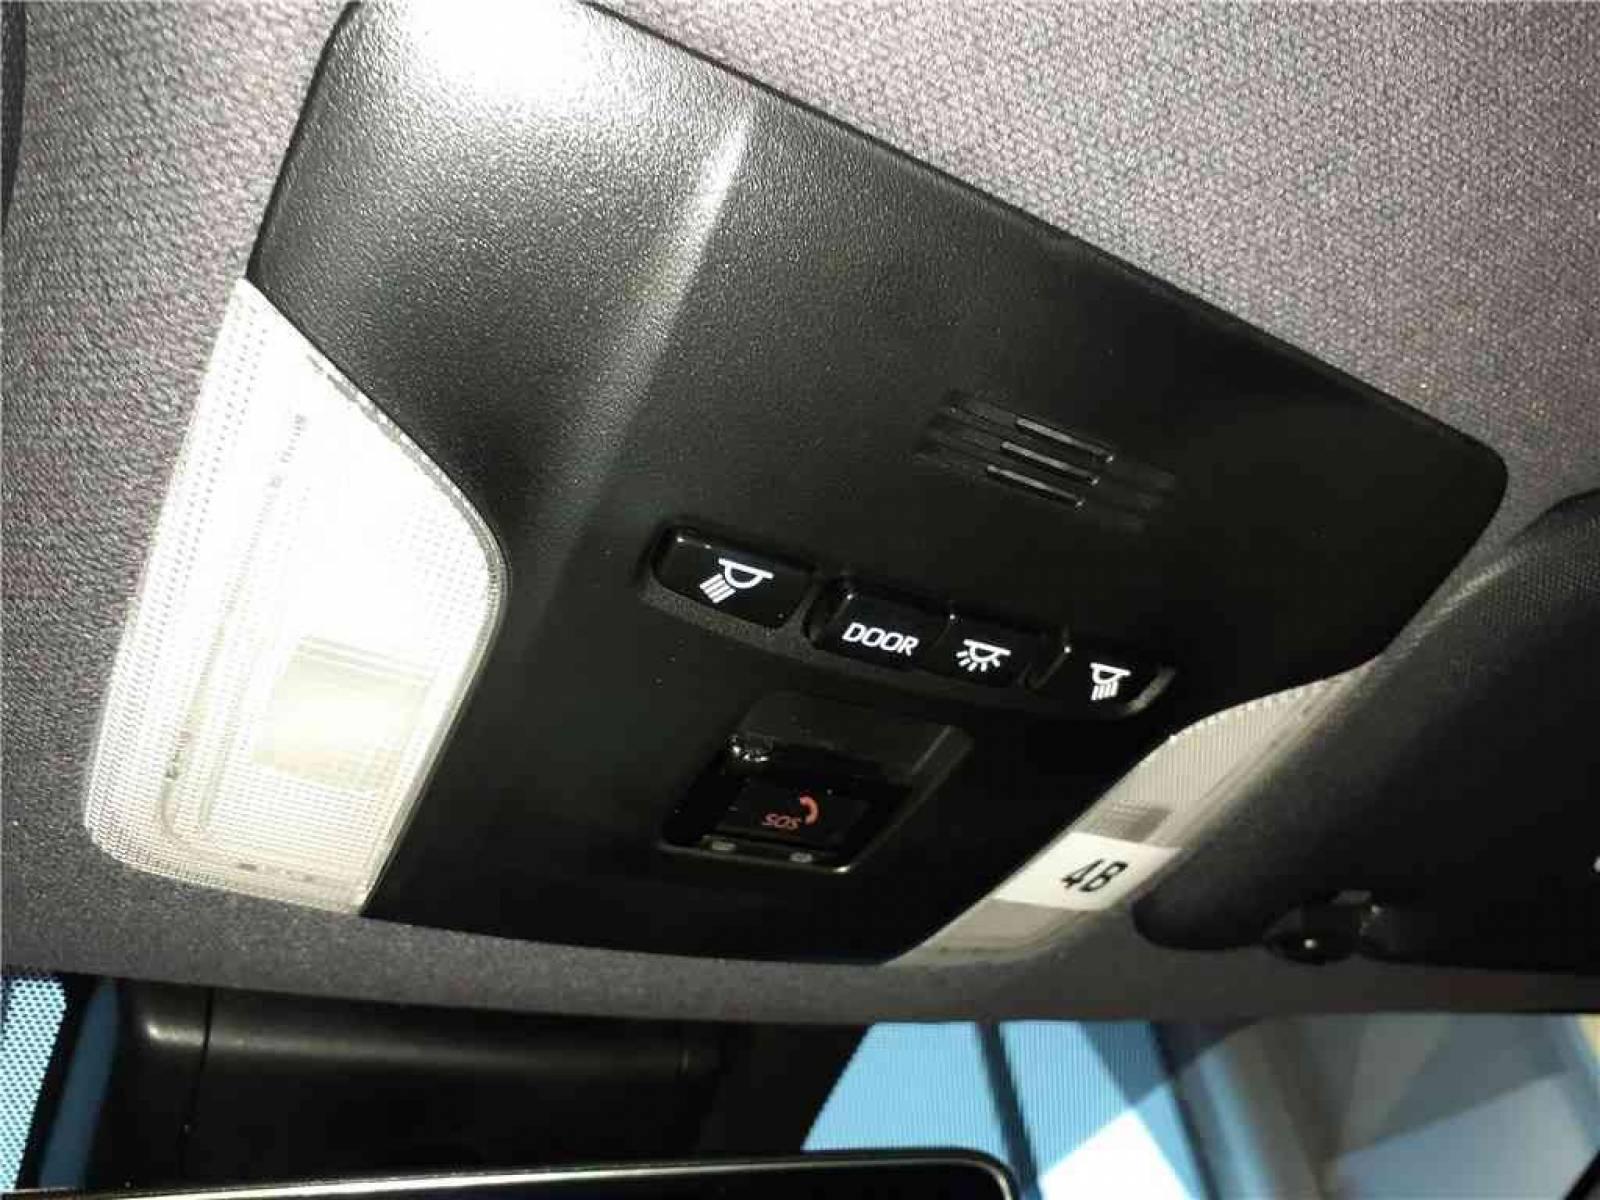 SUZUKI Swace 1.8 Hybrid - véhicule d'occasion - Groupe Guillet - Hall de l'automobile - Chalon sur Saône - 71380 - Saint-Marcel - 20